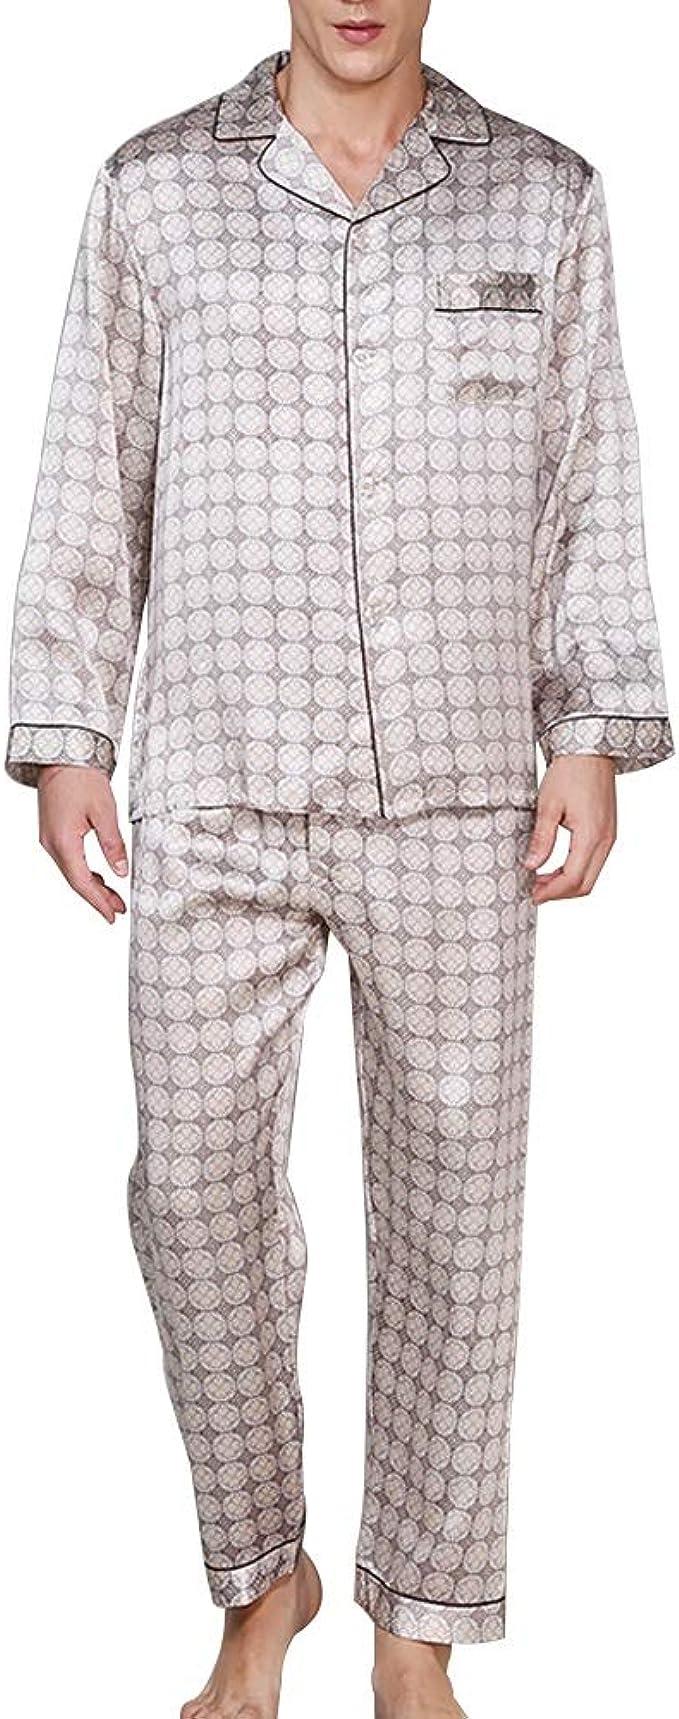 YONGYONG Camisa For Hombre Pantalones De Manga Larga Pijama De Solapa Conjunto 100% Tela De Seda Ropa Casual For El Hogar Clothing/Sleepwear: Amazon.es: Ropa y accesorios